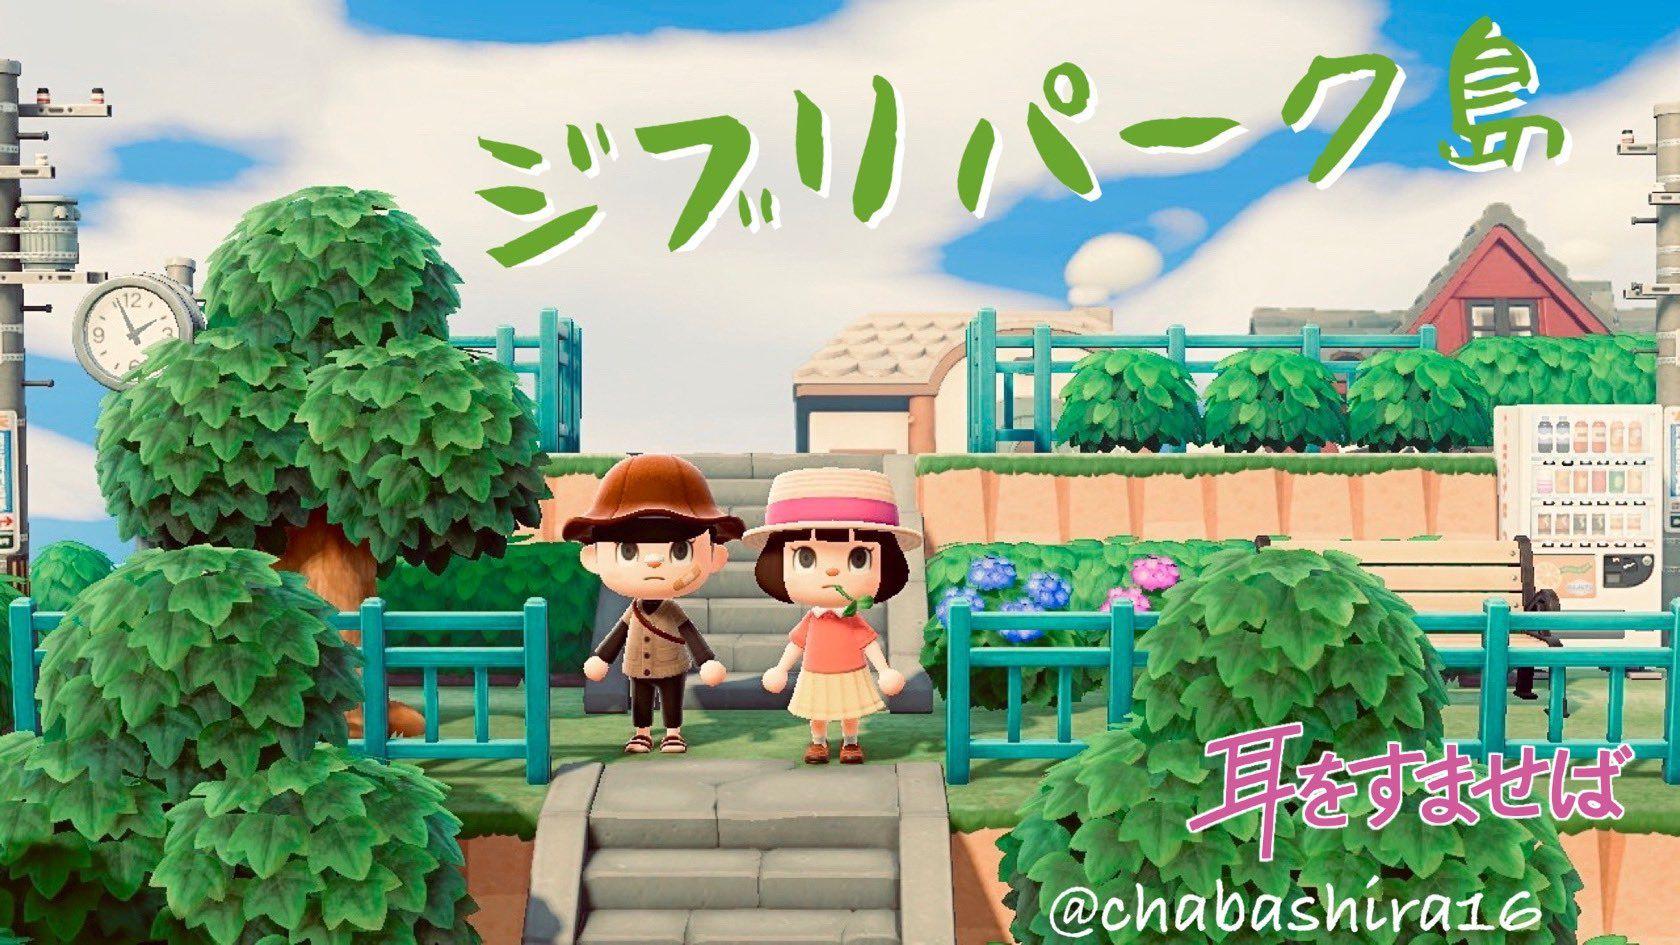 りゅ じゅかい島 On Twitter 島 訪問 あかこちゃんの ジブリパーク島 に遊びにいってきました 初回解放にお招き頂きました 全8エリアはファンにとって感動の嵐でした 各エリアでキャ In 2020 Animal Crossing Animal Crossing Qr Animal Games